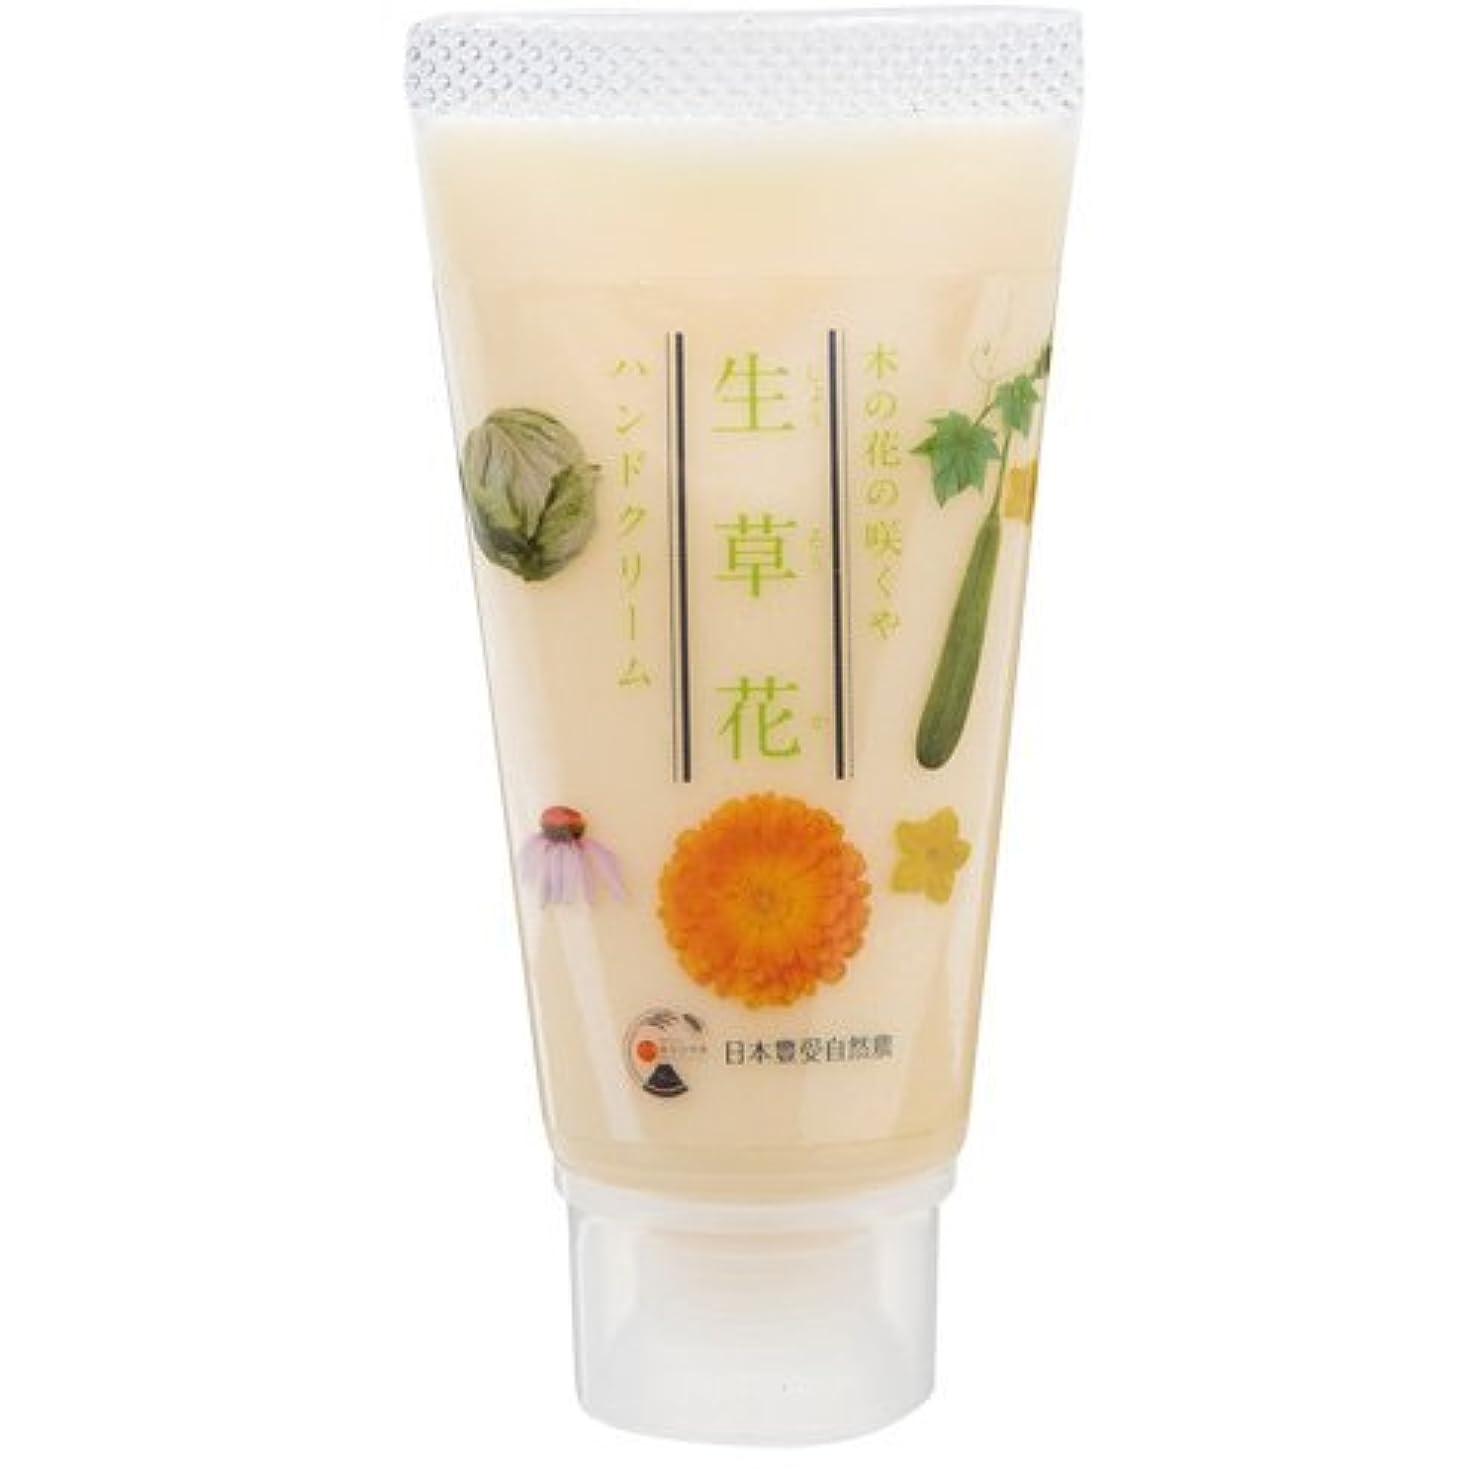 罰艶予想外日本豊受自然農 木の花の咲くや 生草花 ハンドクリーム 30g